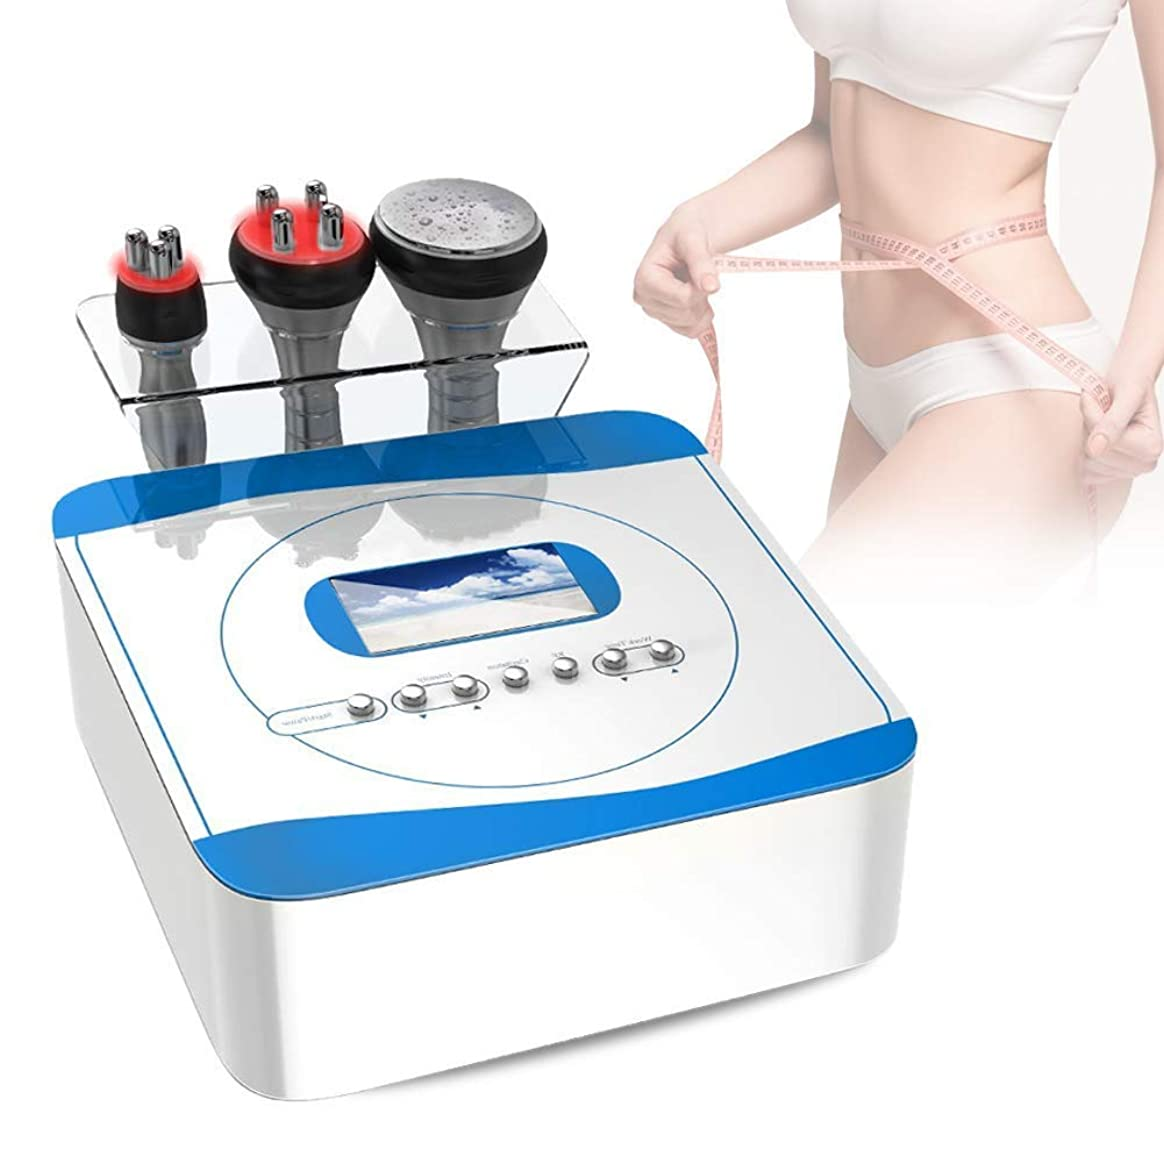 オーストラリア非行疾患1に付きボディシェーピングマッサージ機、ボディ痩身マシン、スリムマシンを締める腹部脂肪除去スキン、ボディマッサージスキンリフティングビューティーマシン、ウエストアームベリーレッグスキン用 (Edition : US PLUG)